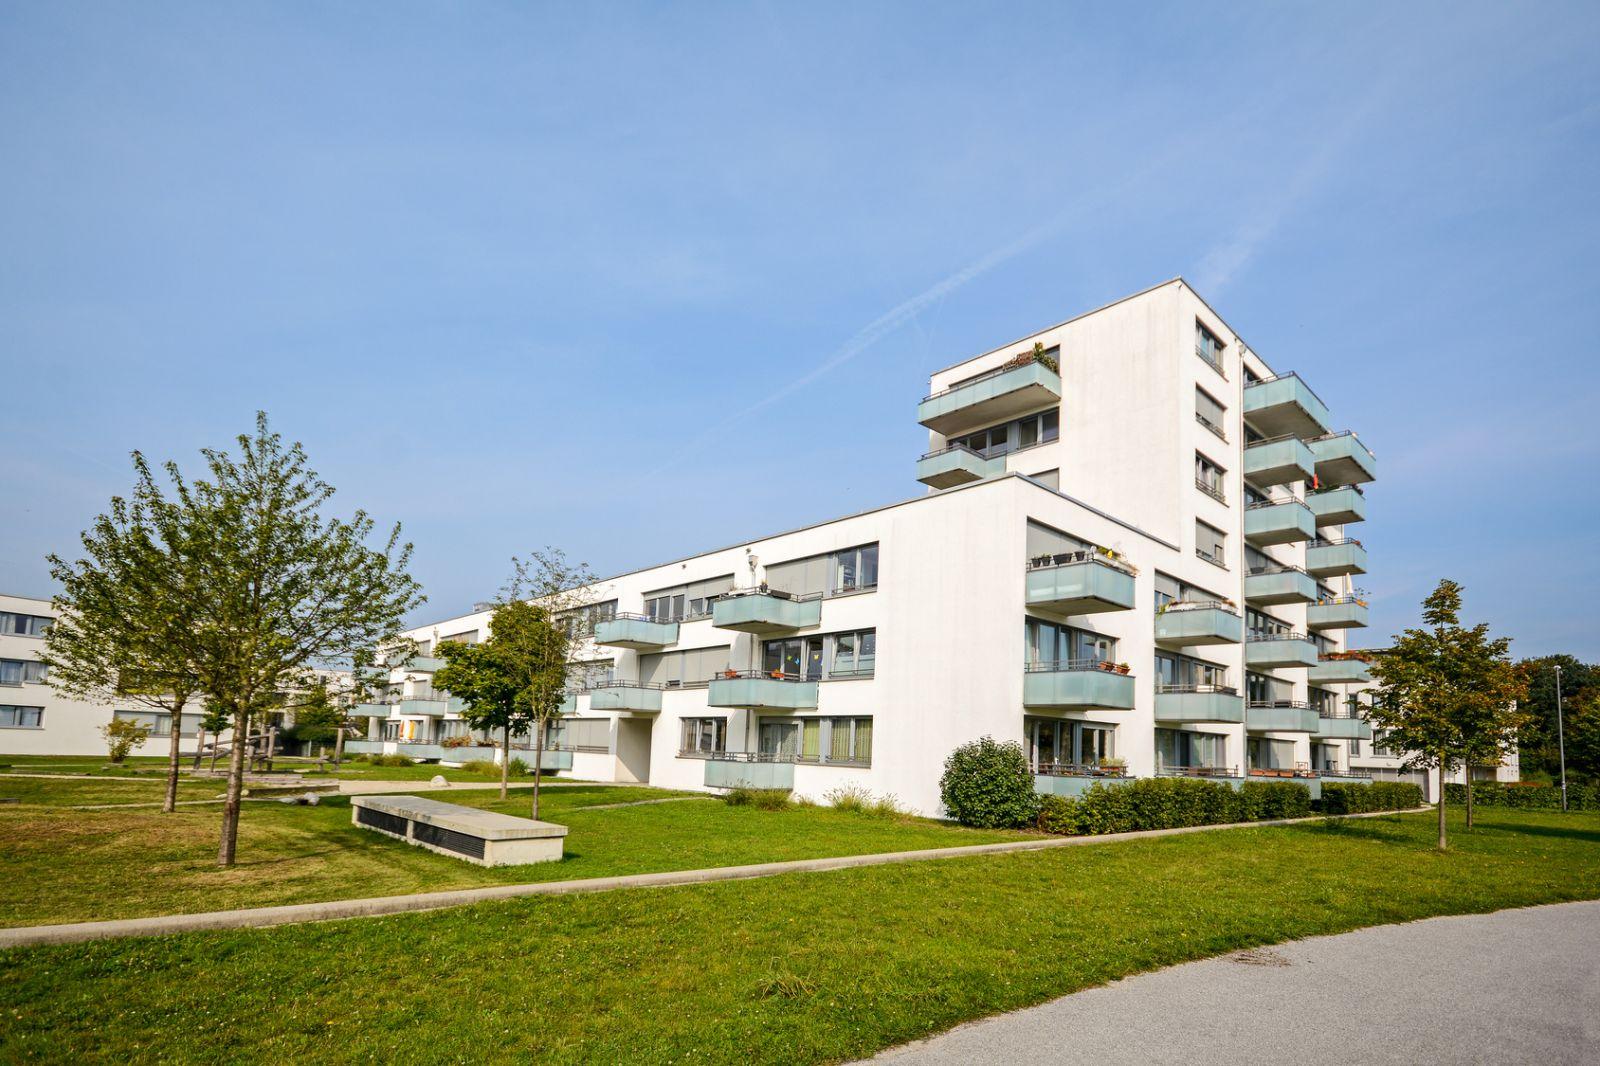 Investissement Pinel 2020 dans le Val d'Oise